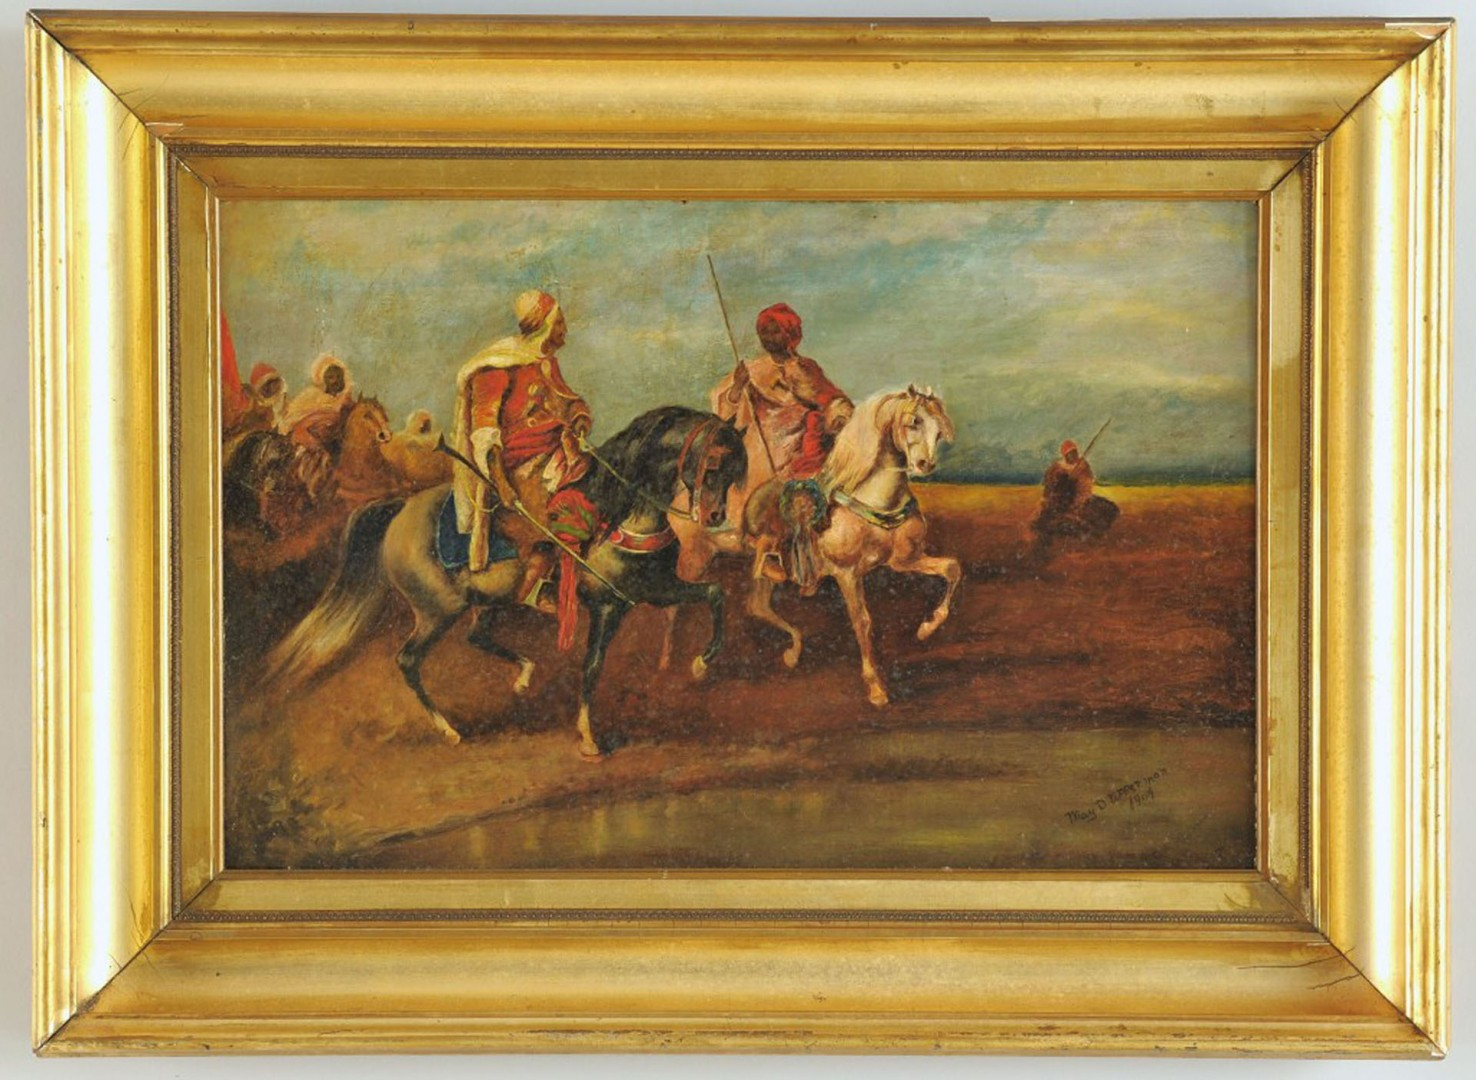 Lot 608: Early 20th Century Orientalist Oil on Board